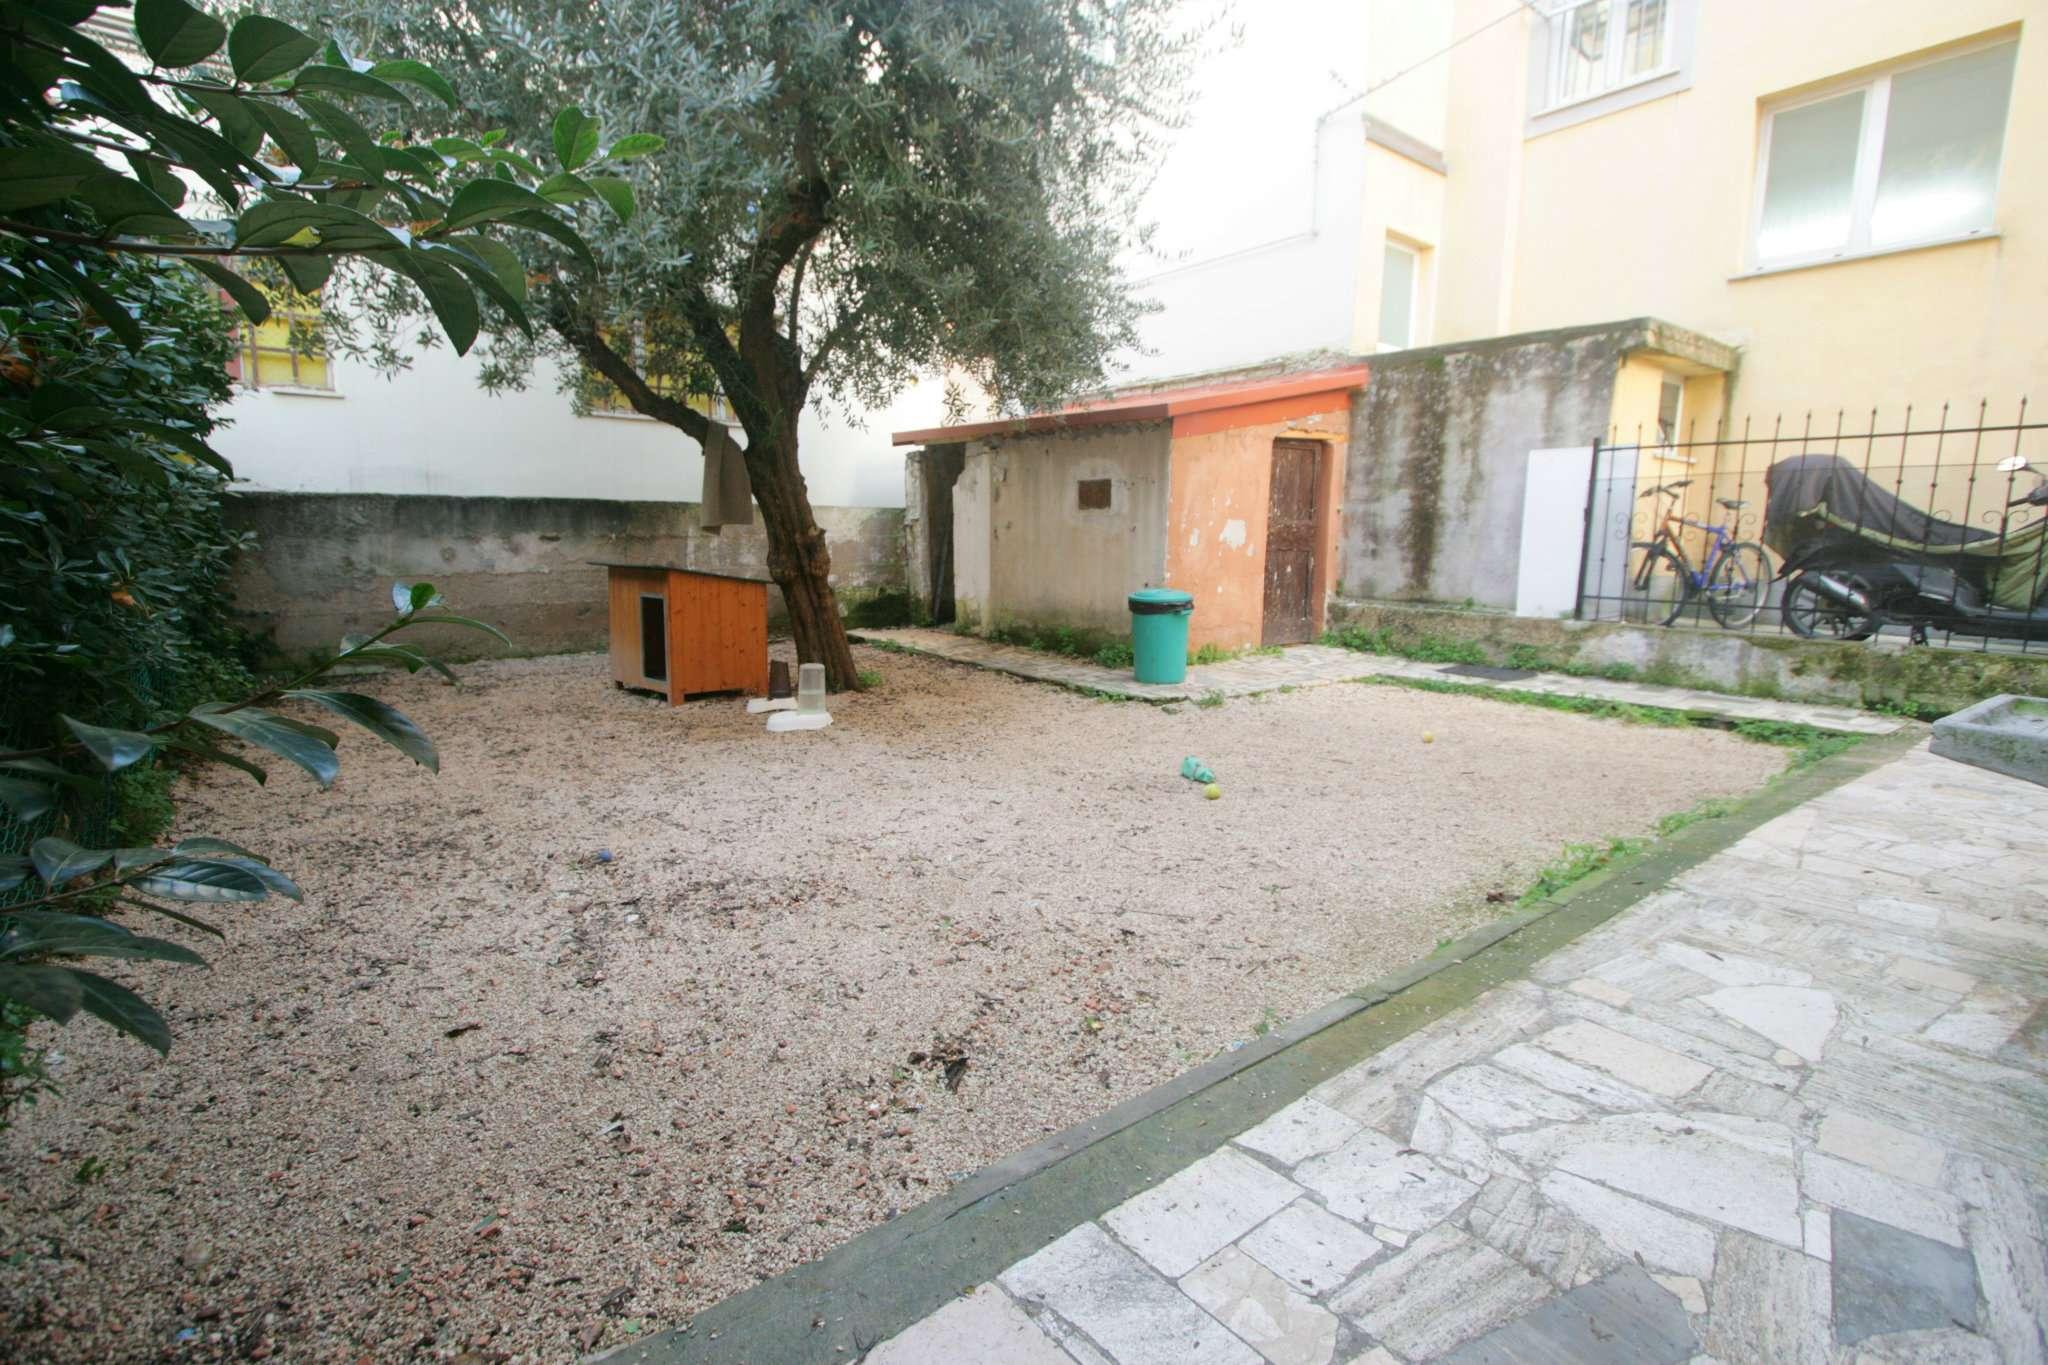 Soluzione Indipendente in vendita a Civitanova Marche, 3 locali, prezzo € 160.000 | Cambio Casa.it